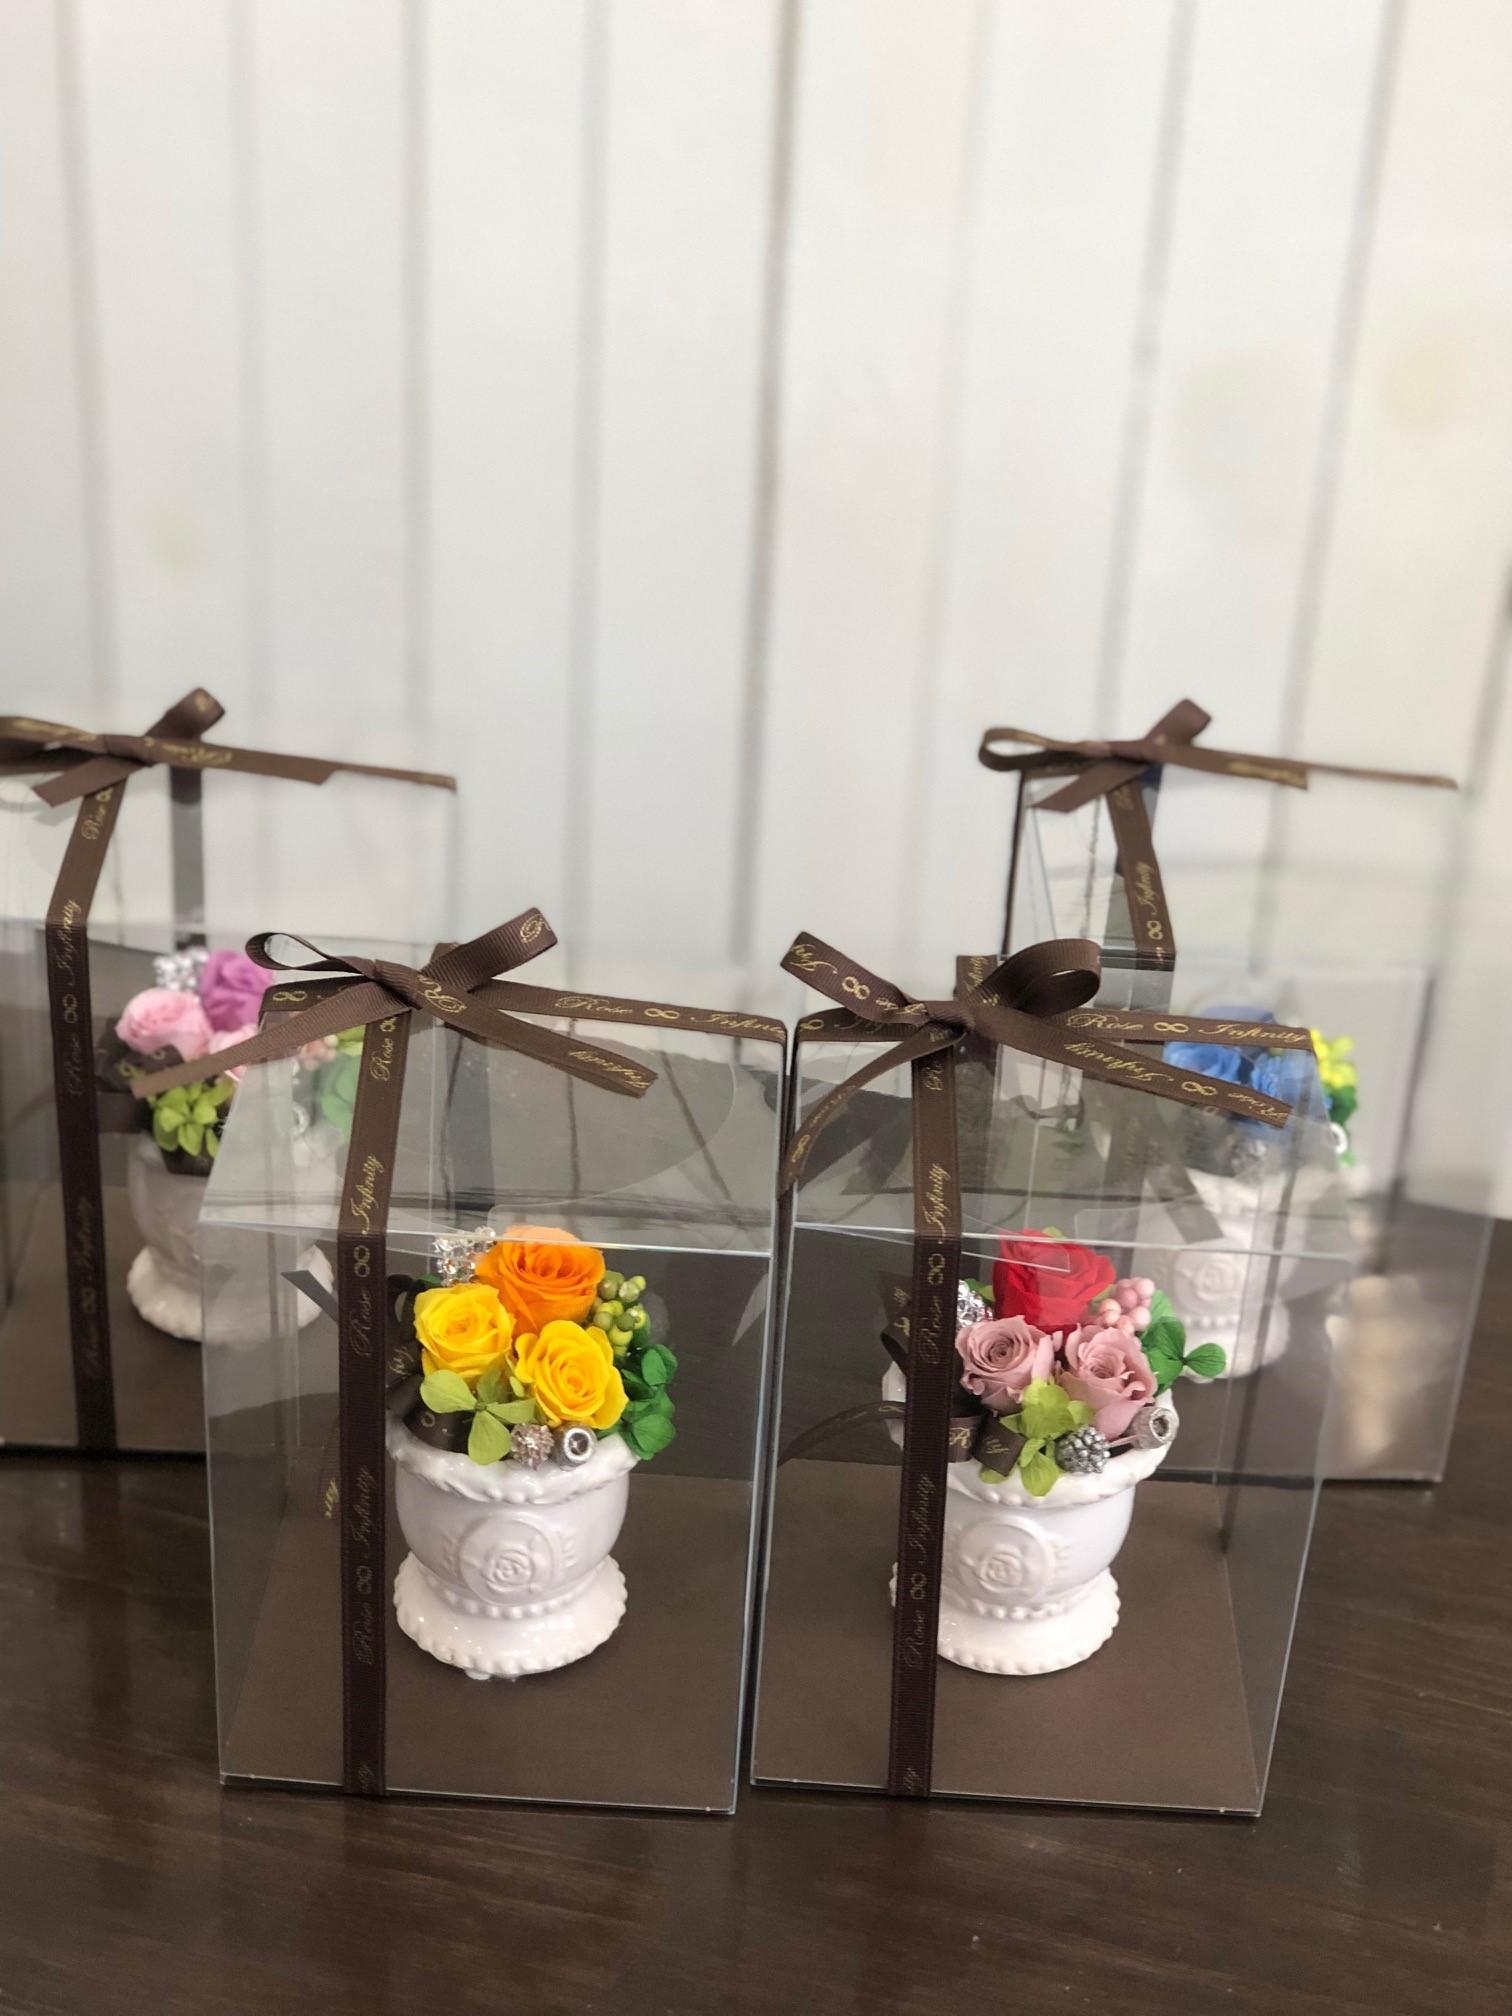 池袋プリザーブドフラワー専門店フラワーショップリズカ可愛いバラ柄の器プリザーブドフラワー